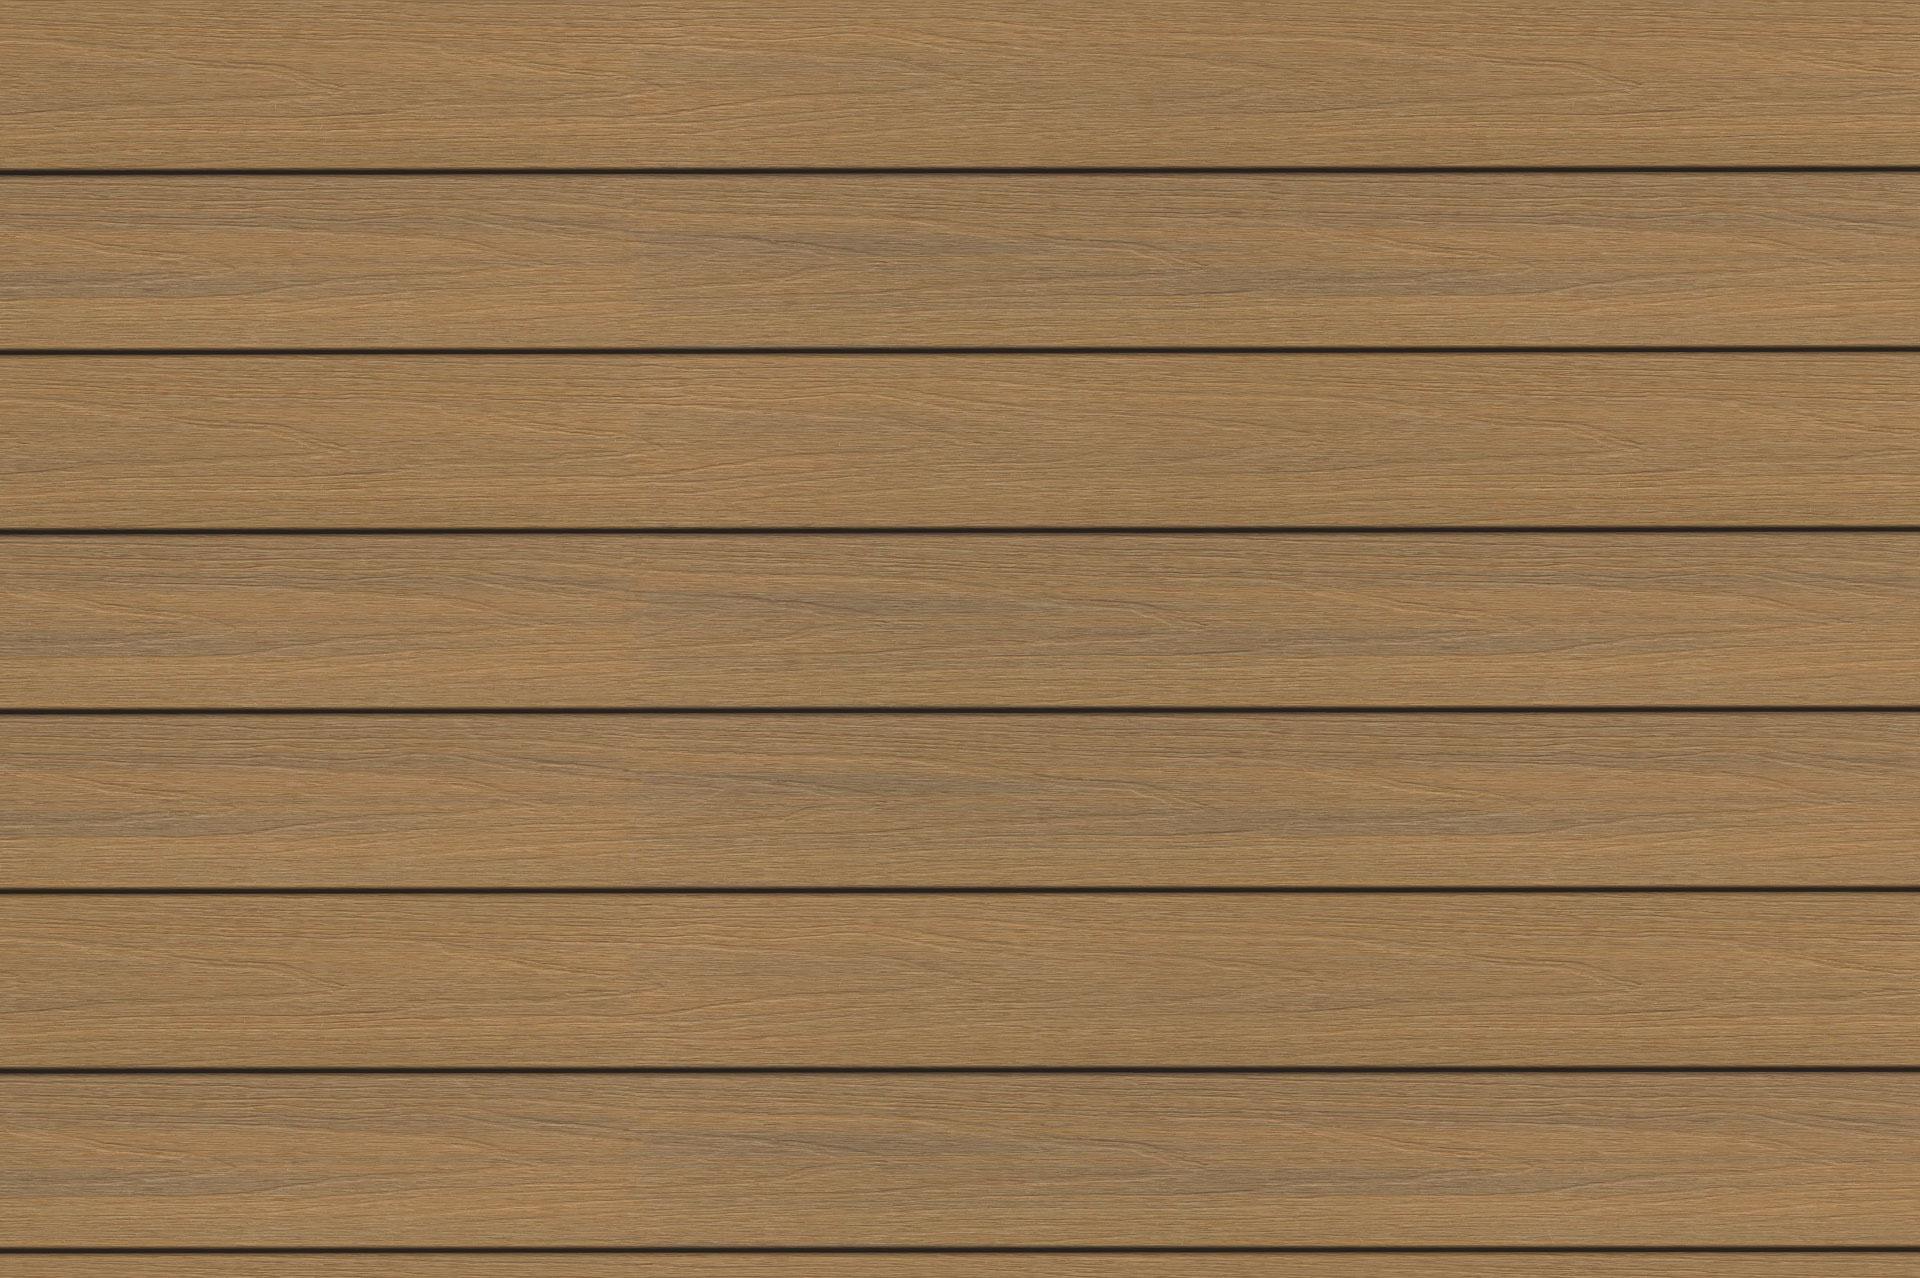 Fano Ultrashield   Musterbild Eiche   hellbrauner/gelbbrauner WPC-Holzoptik-Terrassenboden   Svoboda